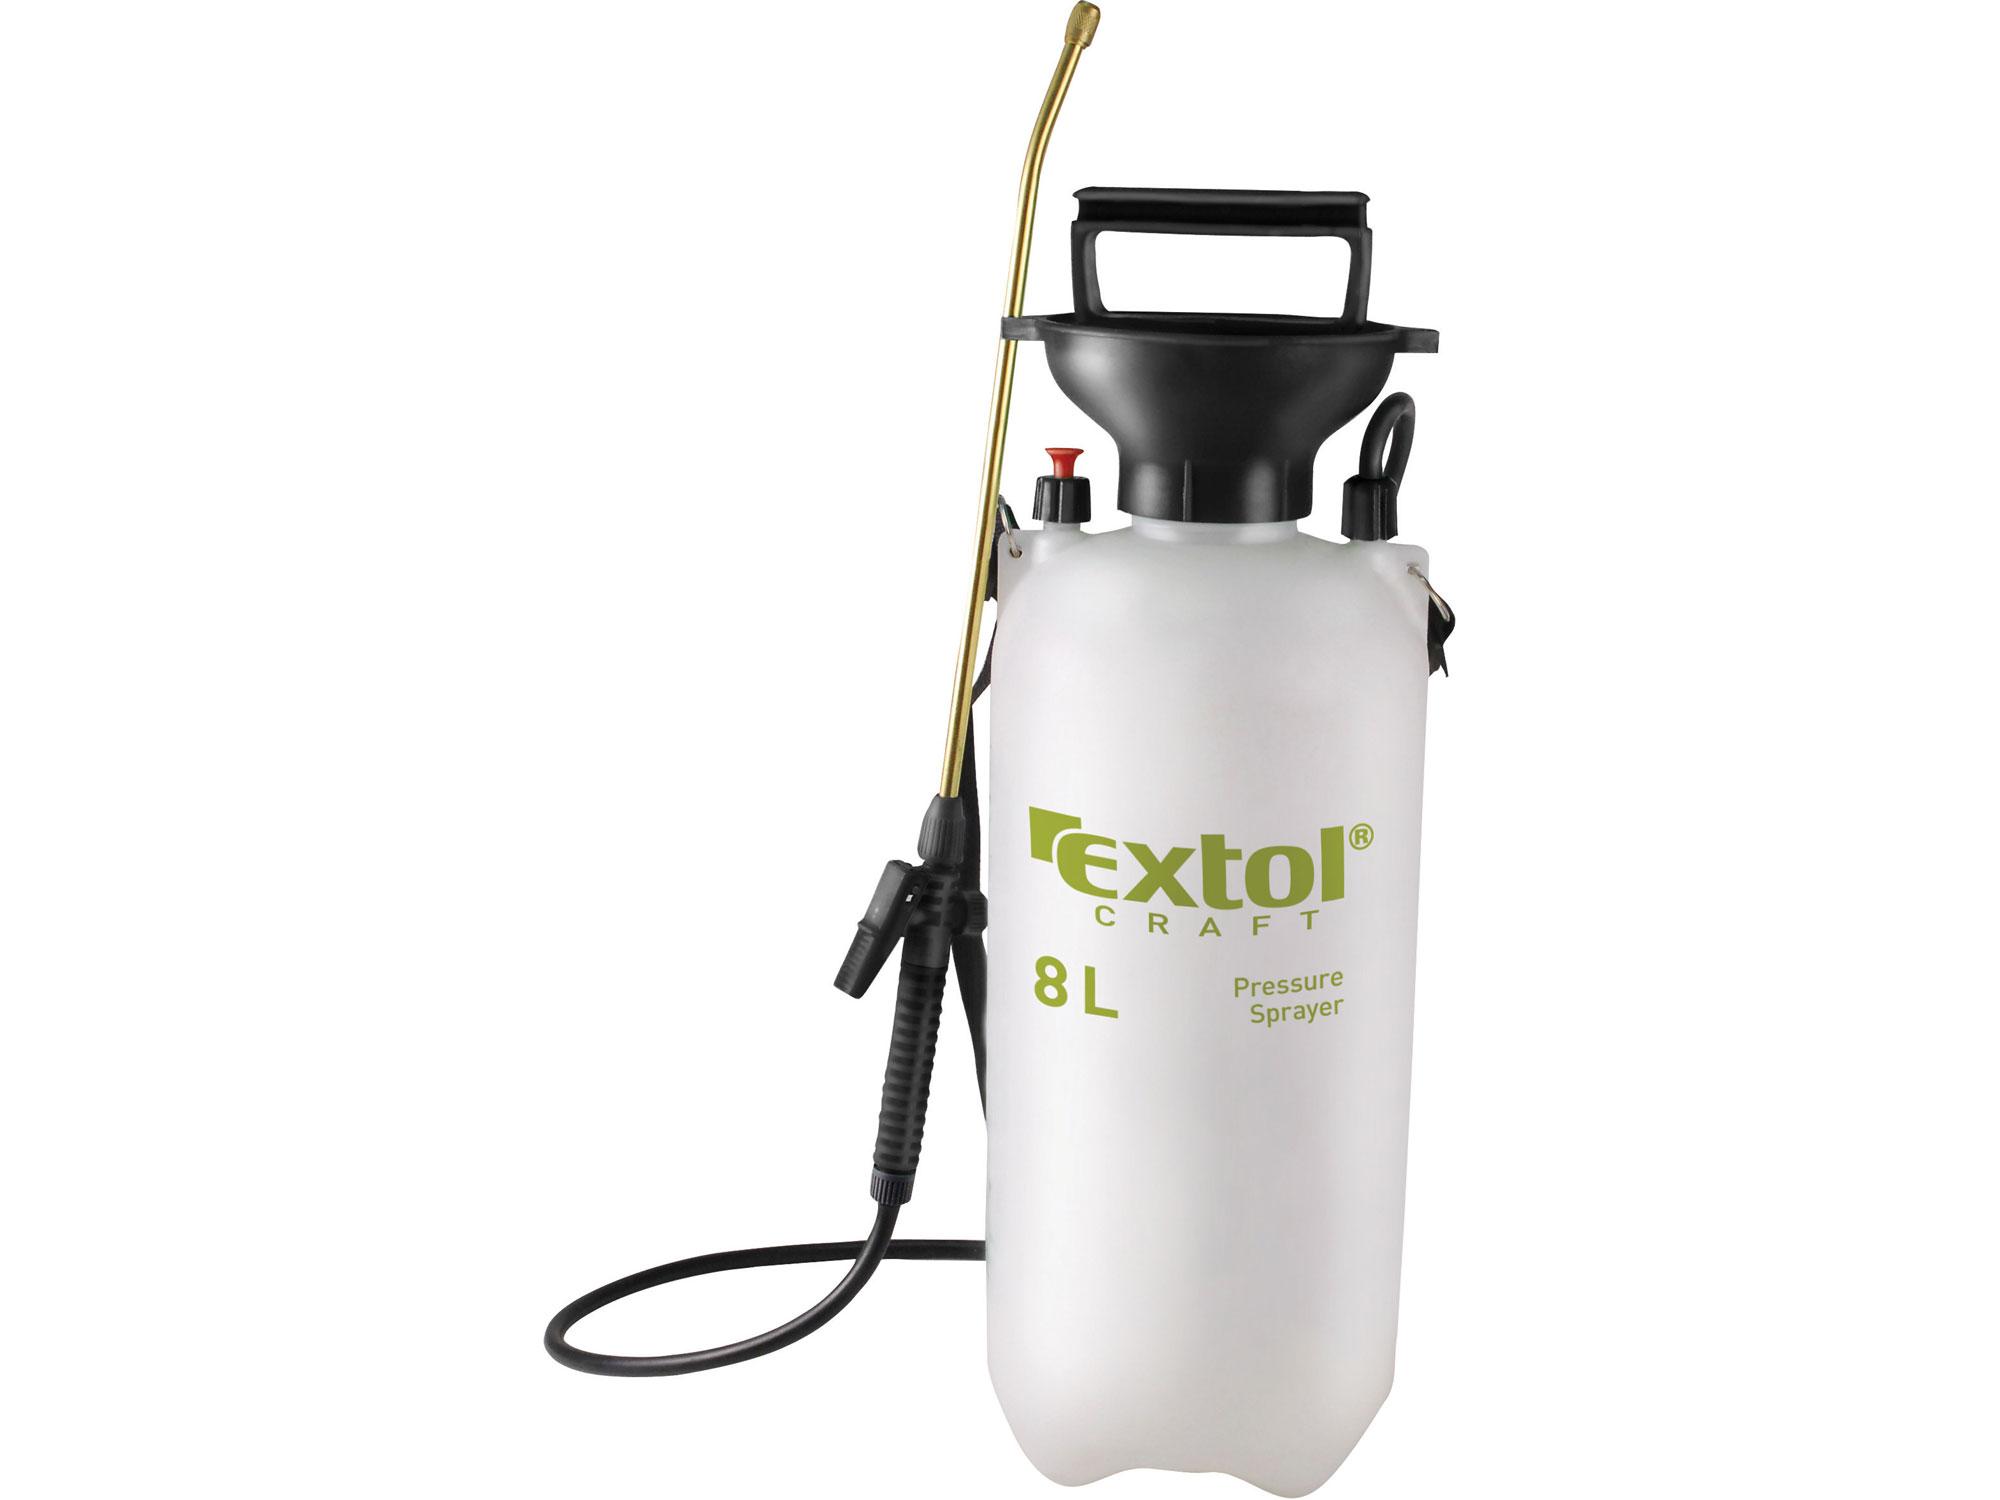 Postřikovač tlakový zahradní, 8l EXTOL CRAFT 92603